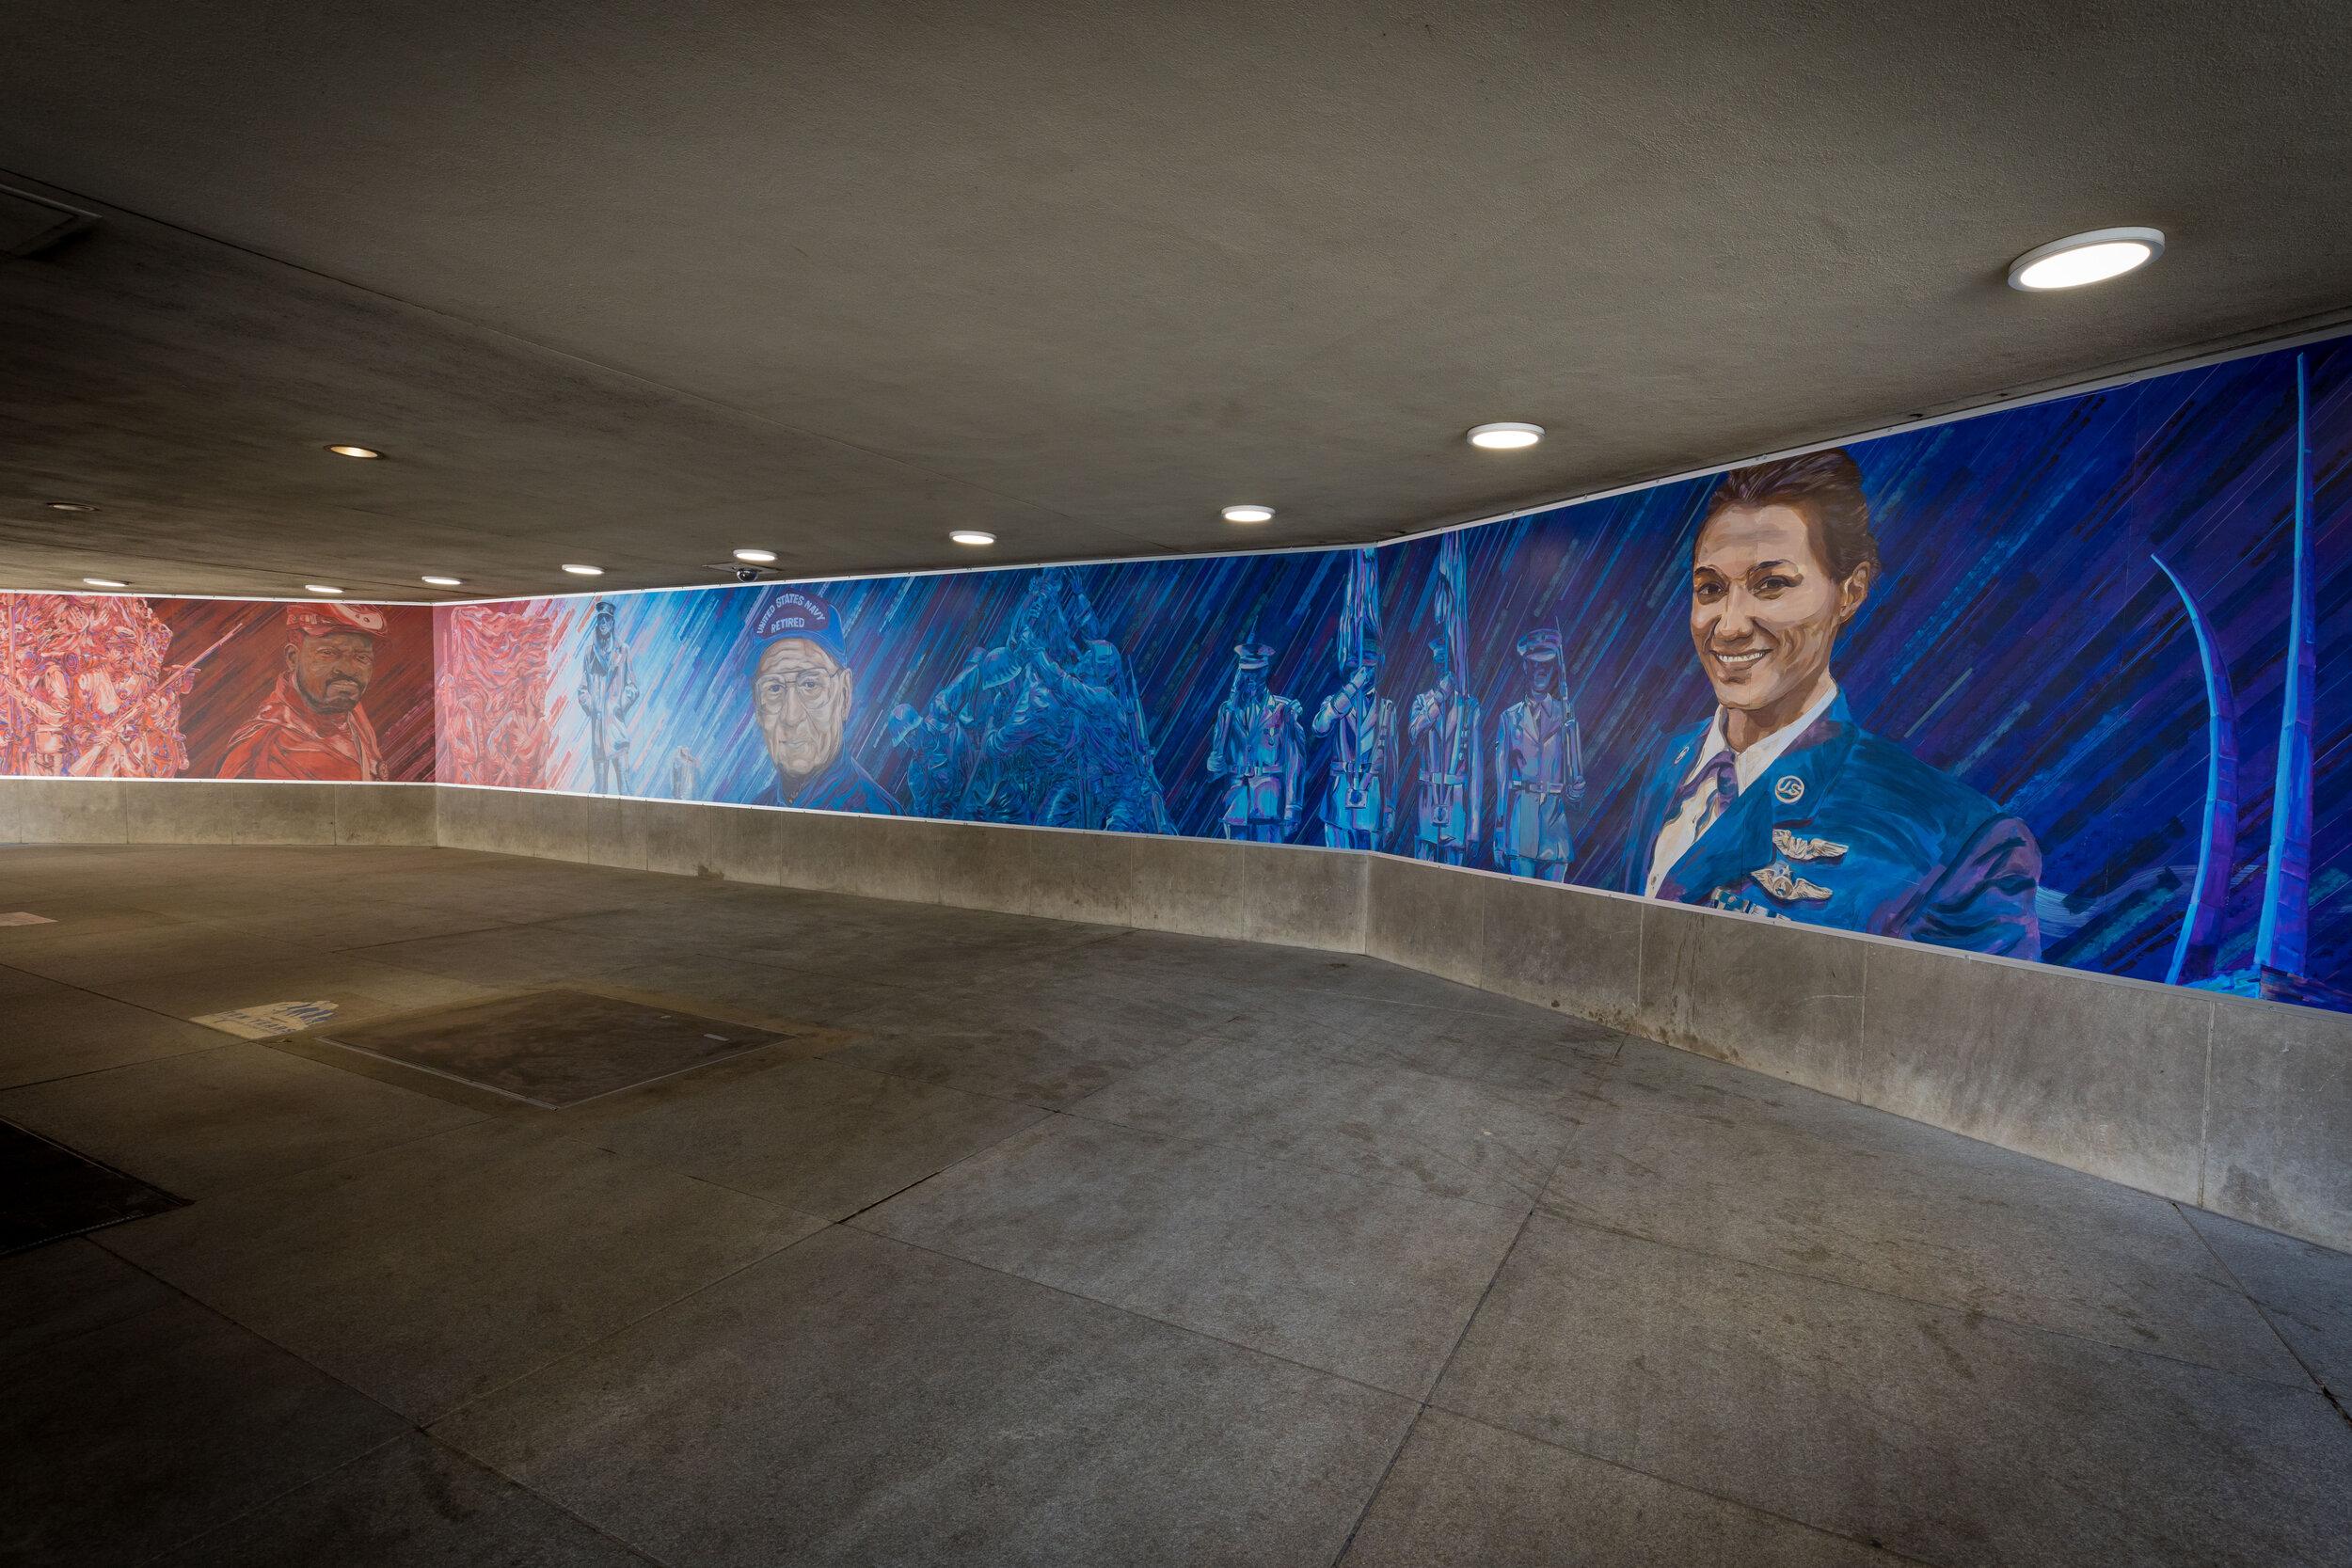 2019-05-DowntownDCBID-MuralUnveiling-Storybox-KF-162.jpg